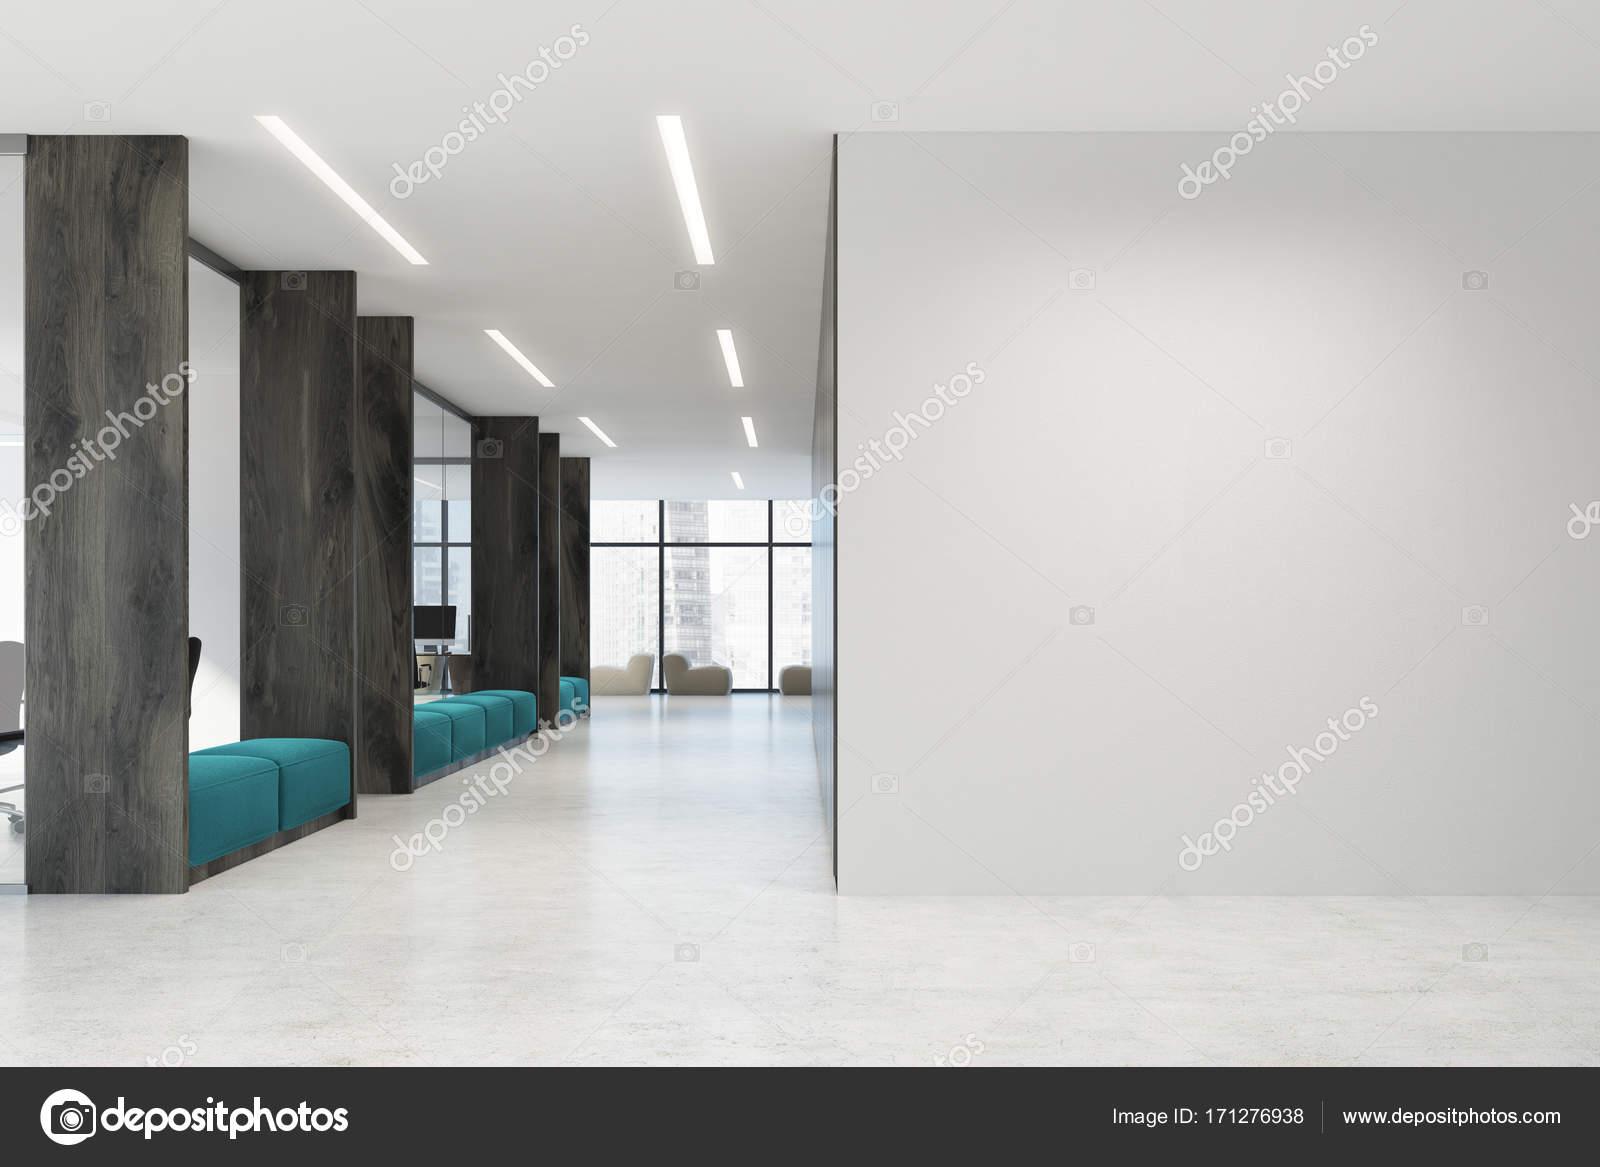 Ufficio Bianco E Legno : Bianco e legno aperto divani di spazio ufficio blu u foto stock